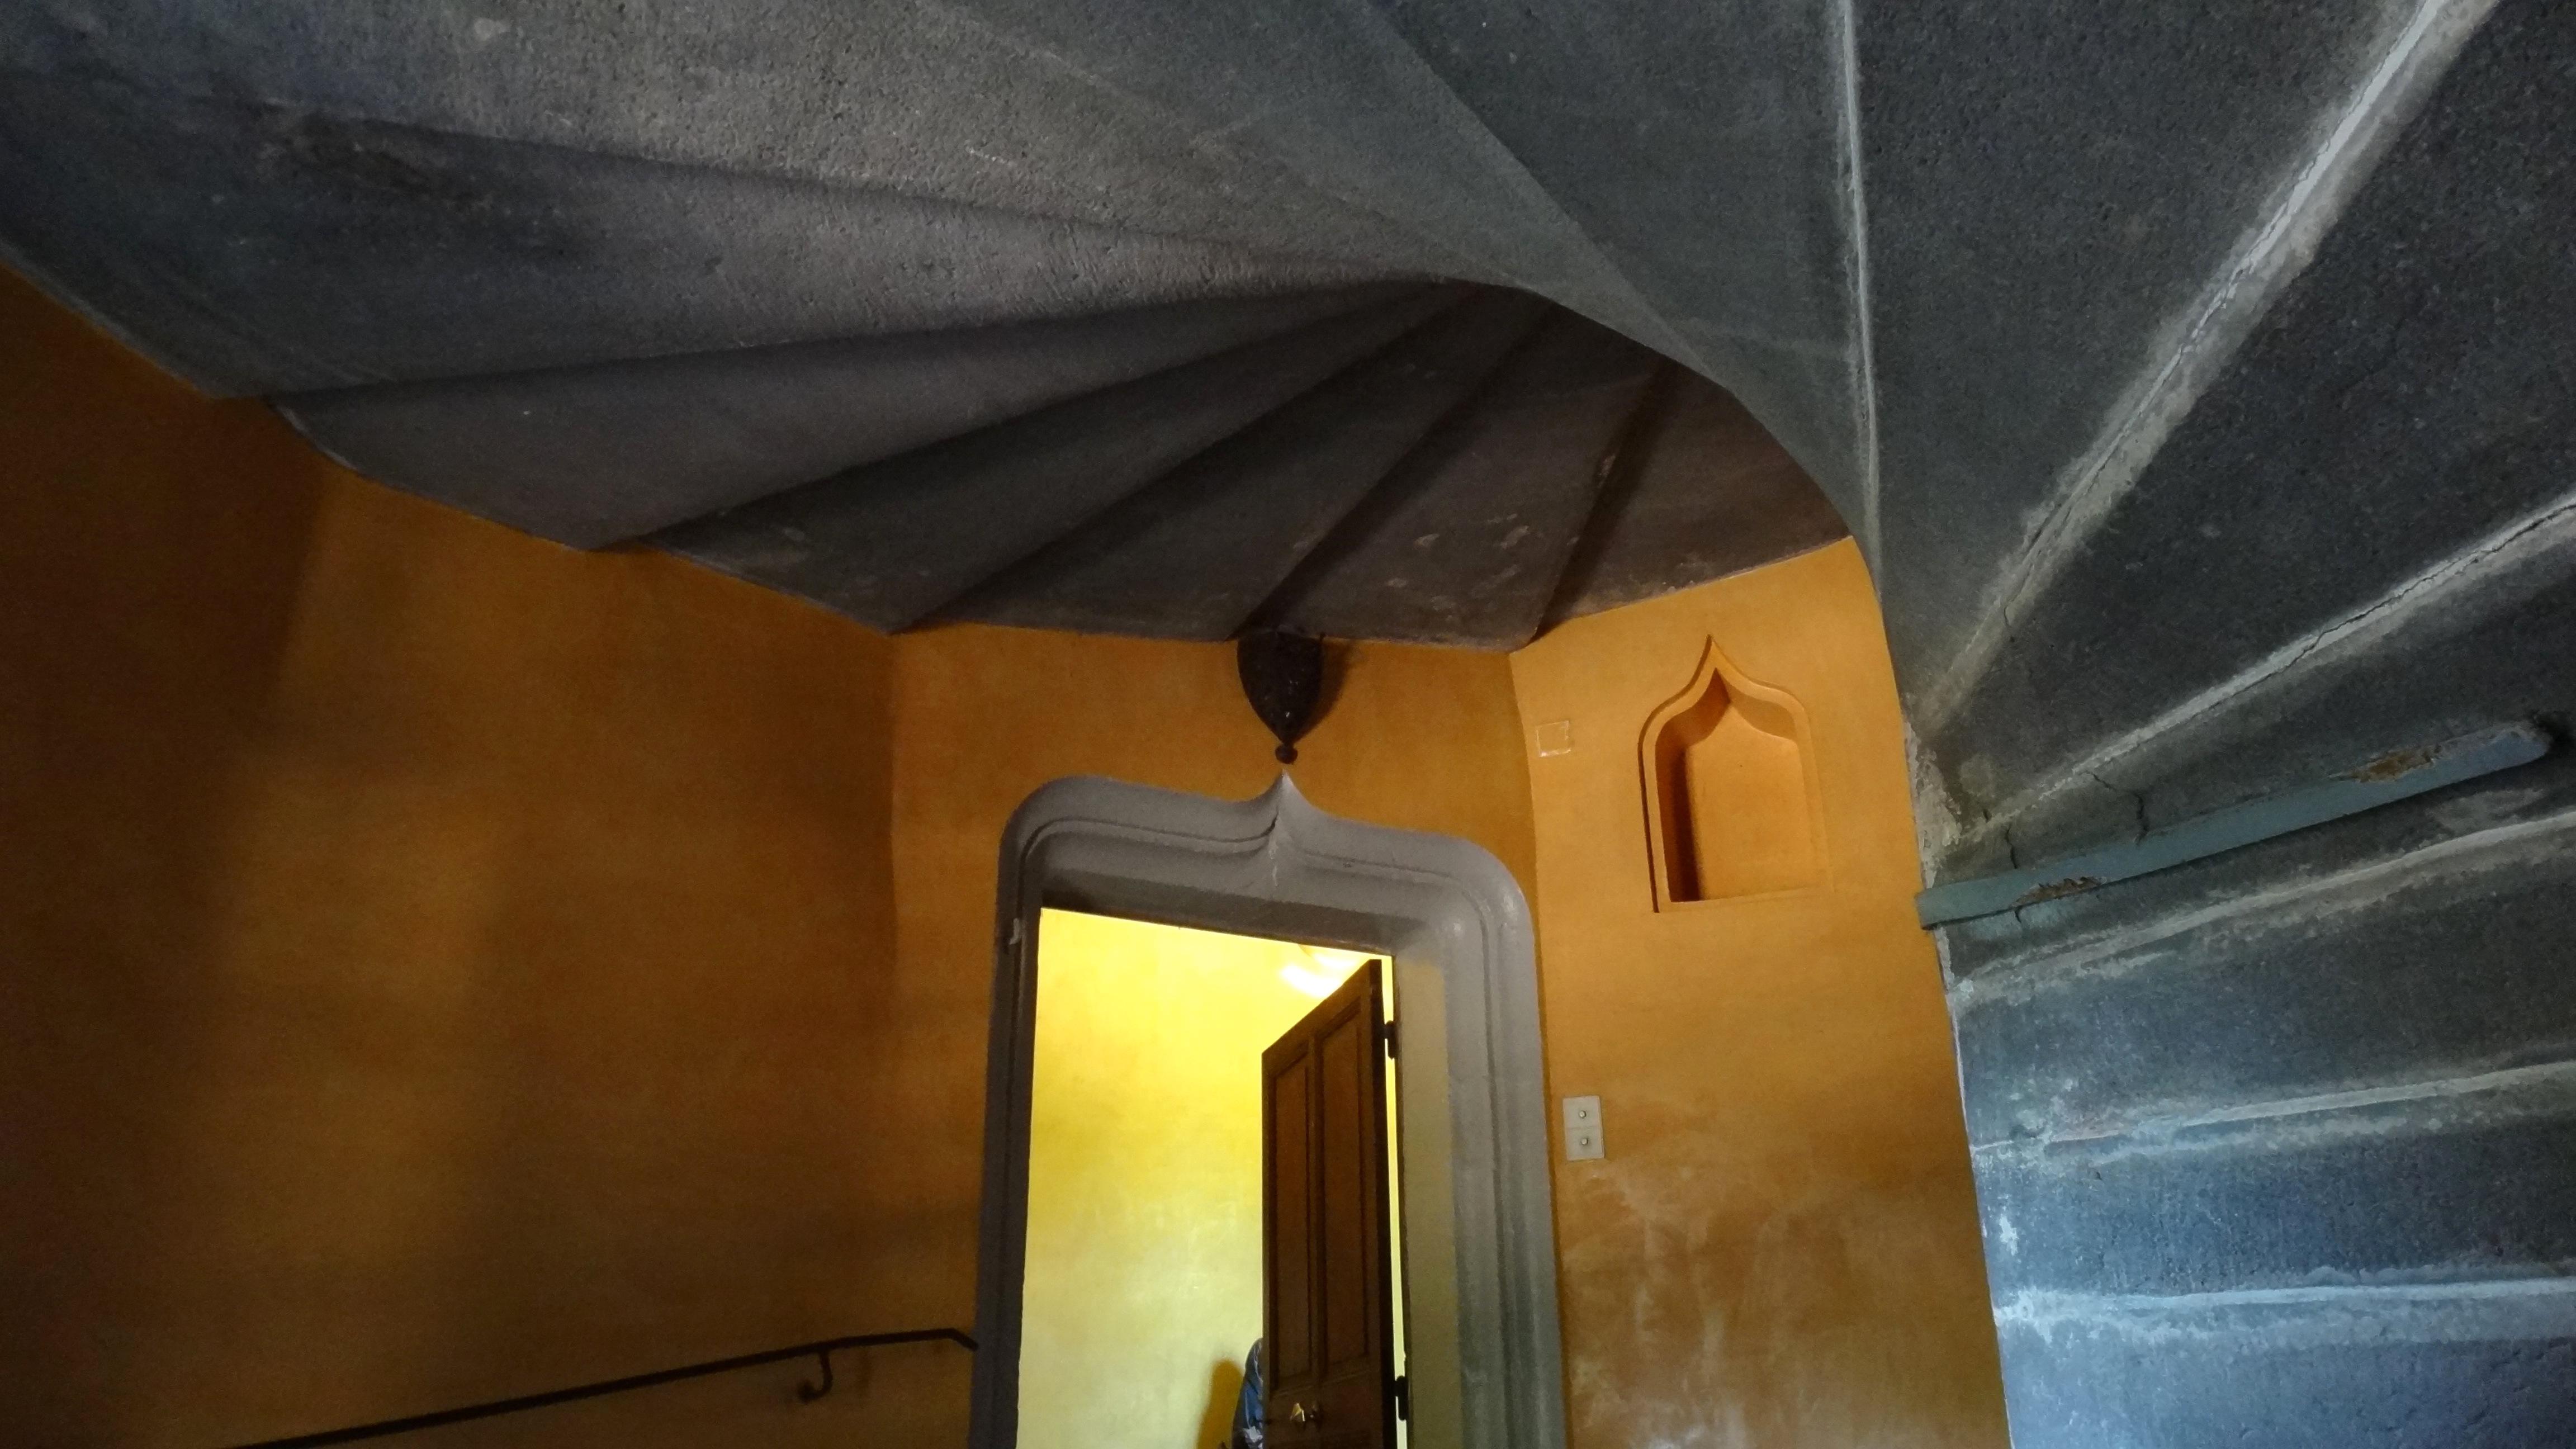 file ch teau de la chassaigne thiers escalier en vis jpg wikimedia commons. Black Bedroom Furniture Sets. Home Design Ideas